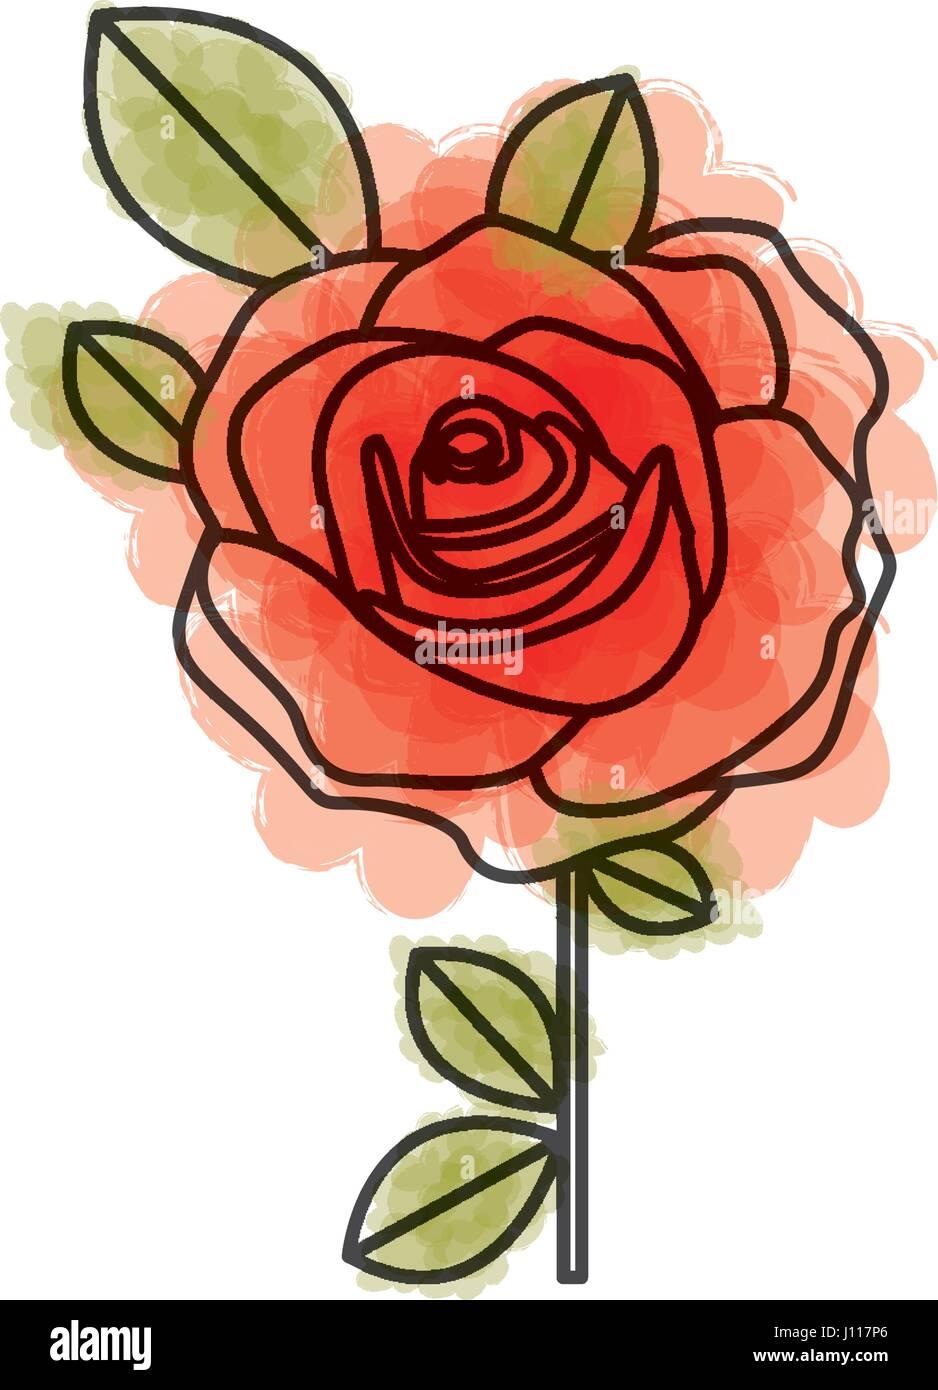 Aquarelle Dessin De Fleur Rose Rouge Avec Des Feuilles Et De La Tige